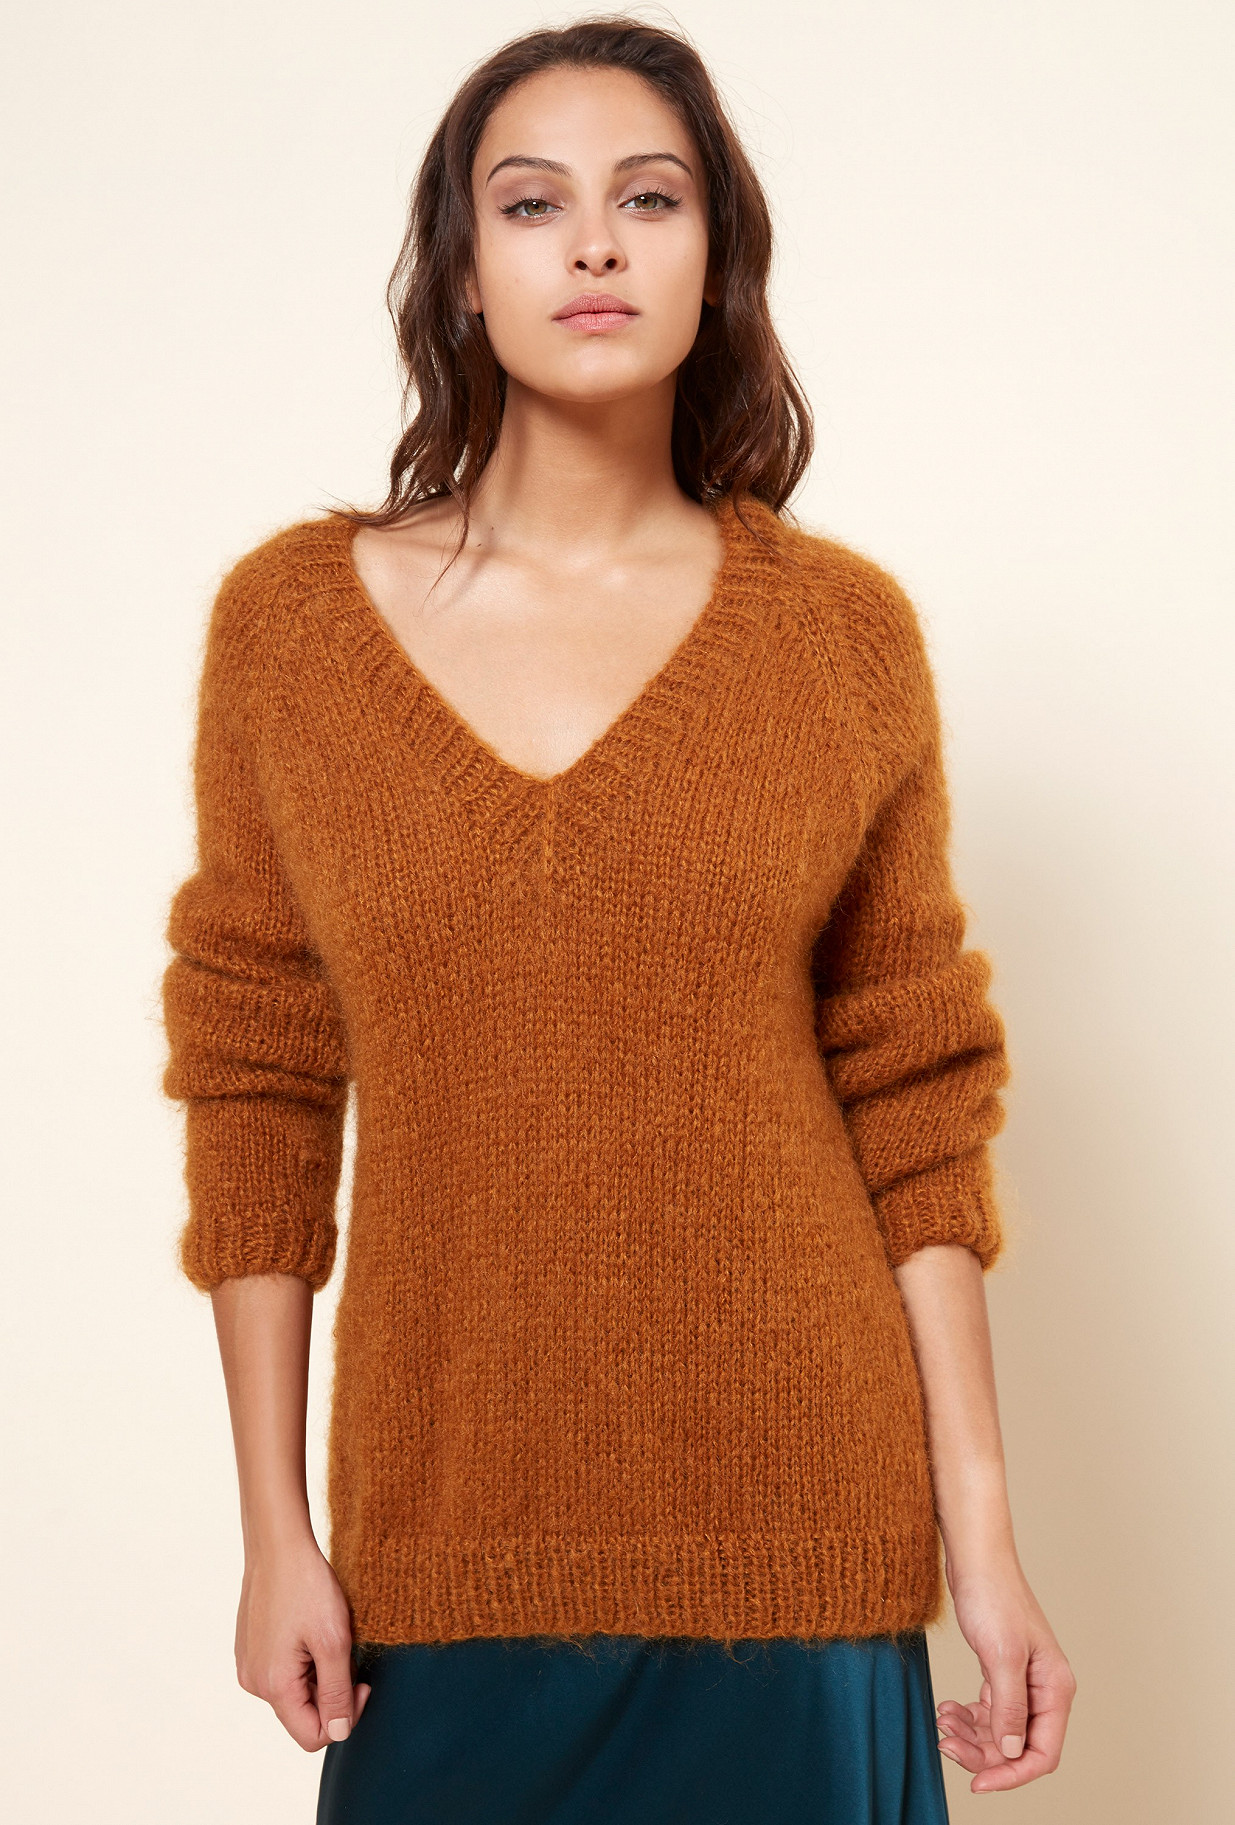 Paris boutique de mode vêtement Maille créateur bohème  Juverny